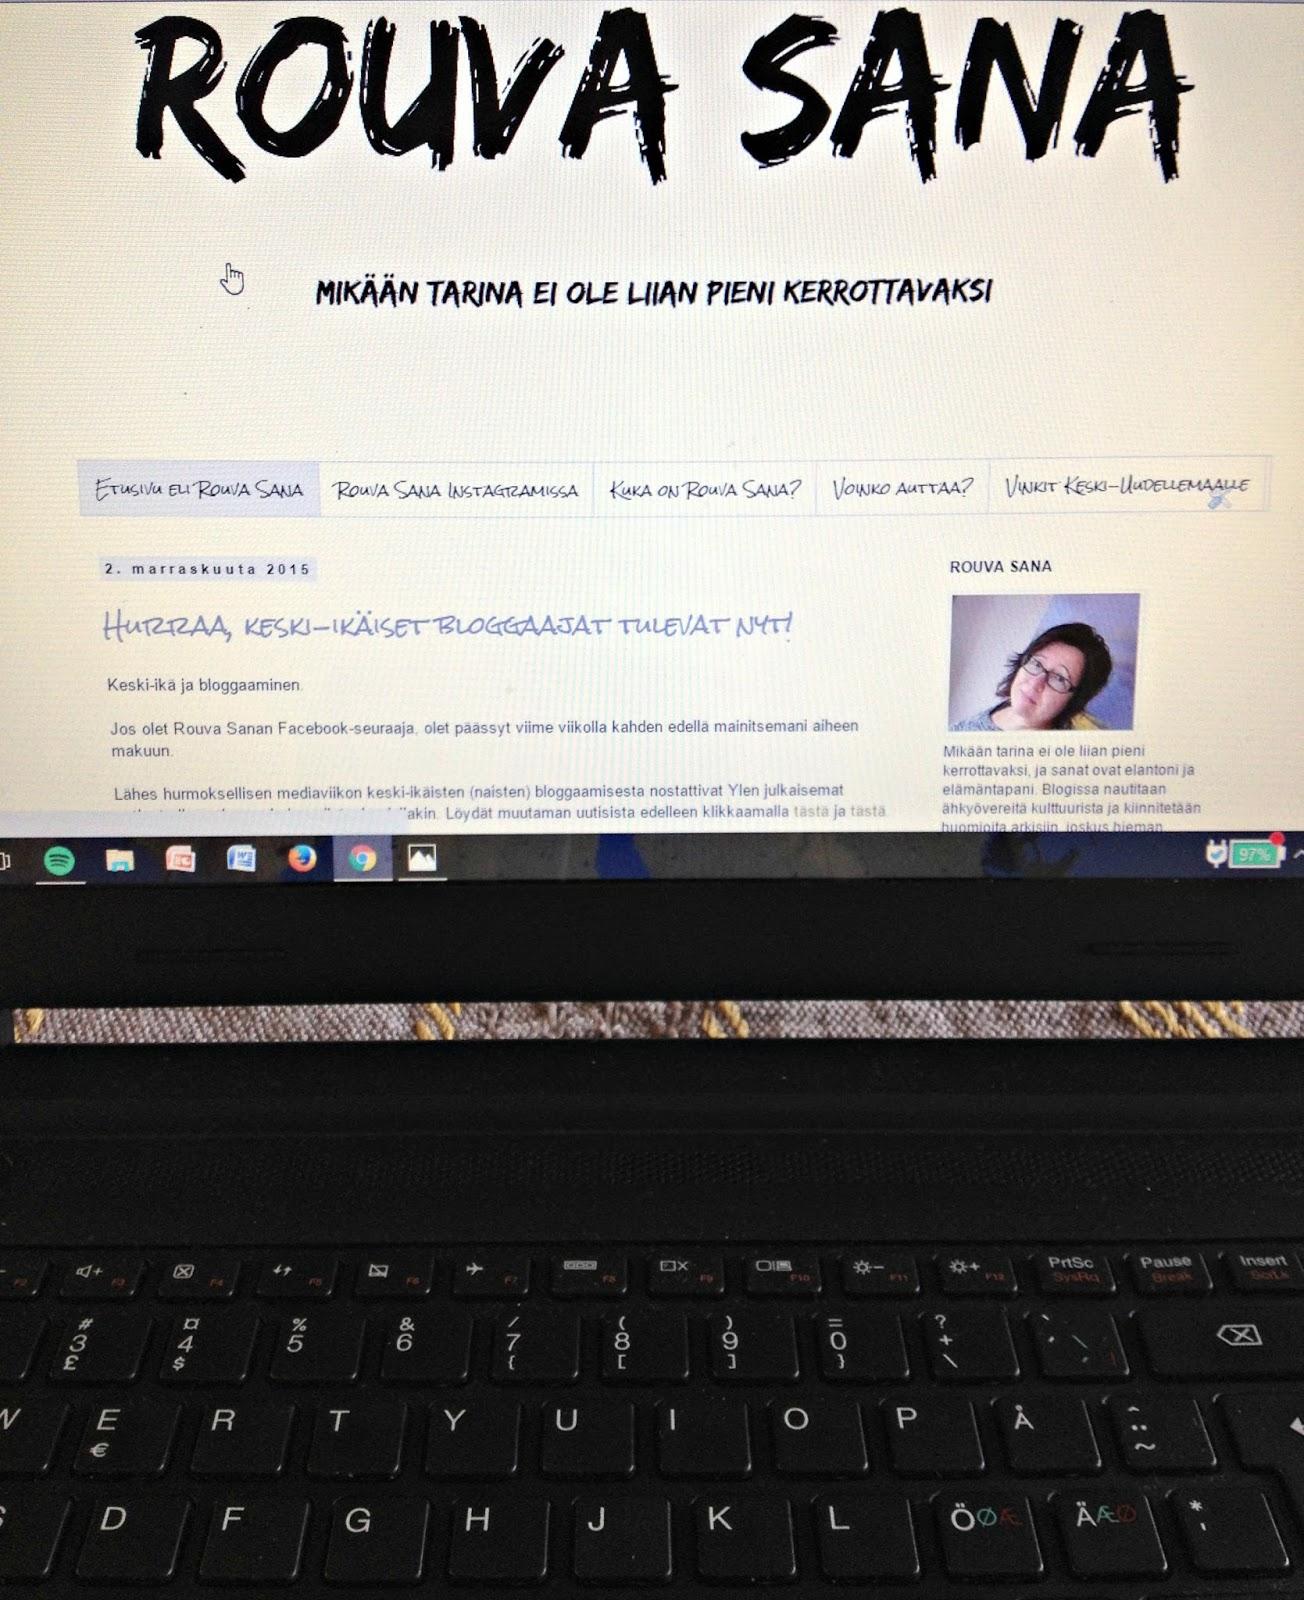 Blogi mahdollistaa oman osaamisen esiintuomisen